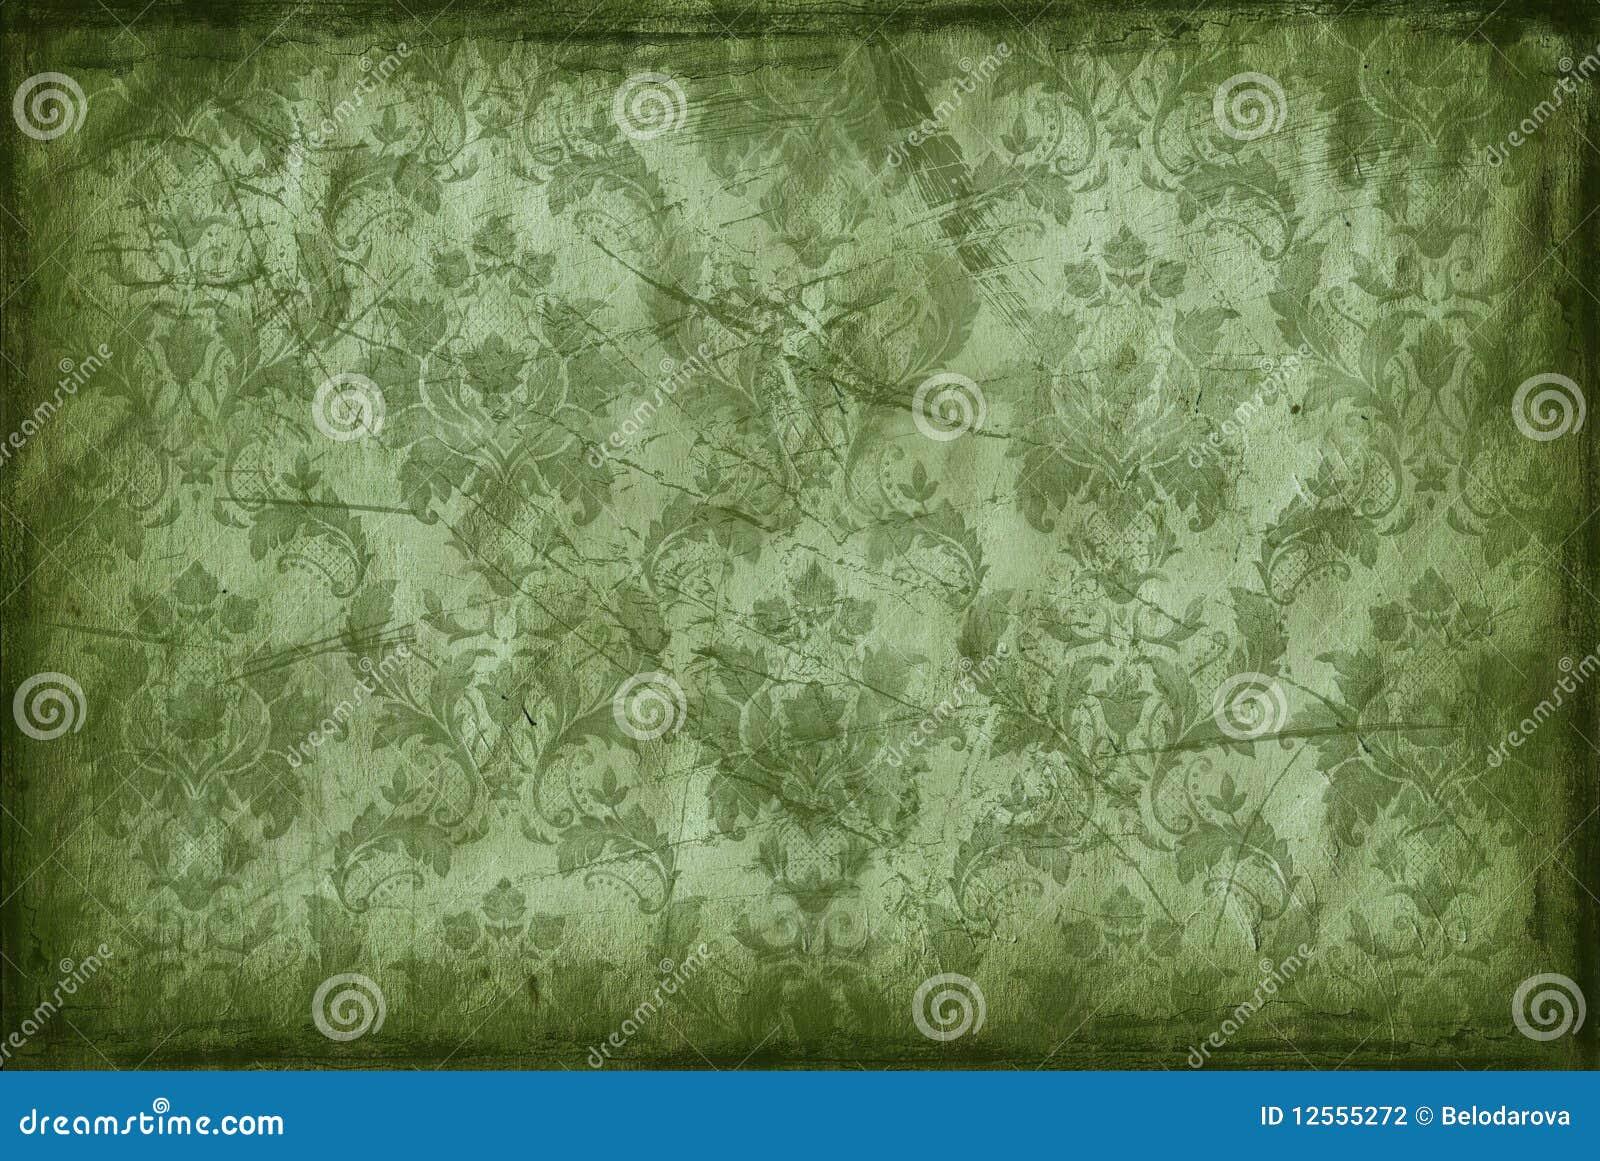 Behang Oud Groen.Uitstekende Achtergrond Van Oud Behang Stock Illustratie